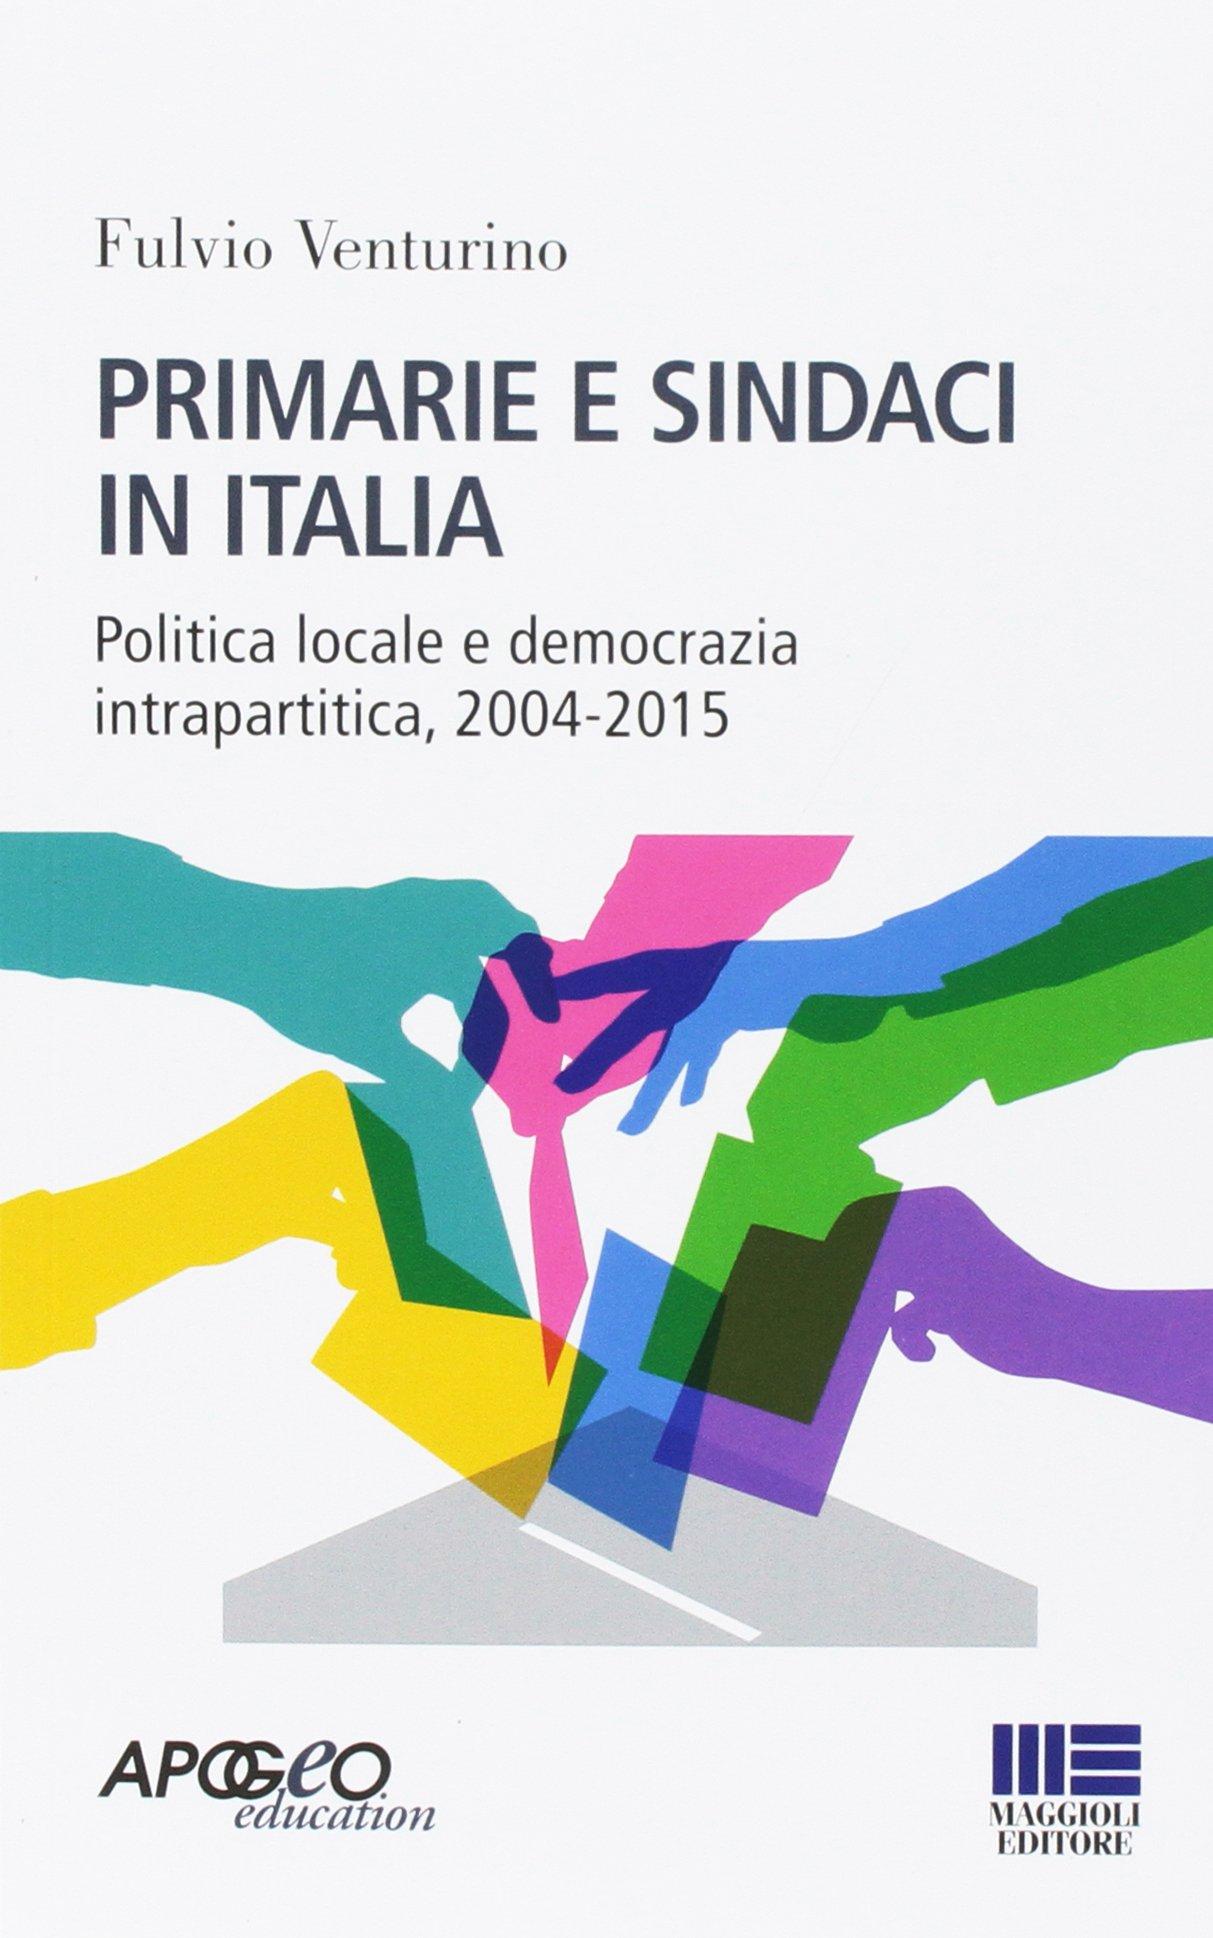 Primarie e sindaci in Italia